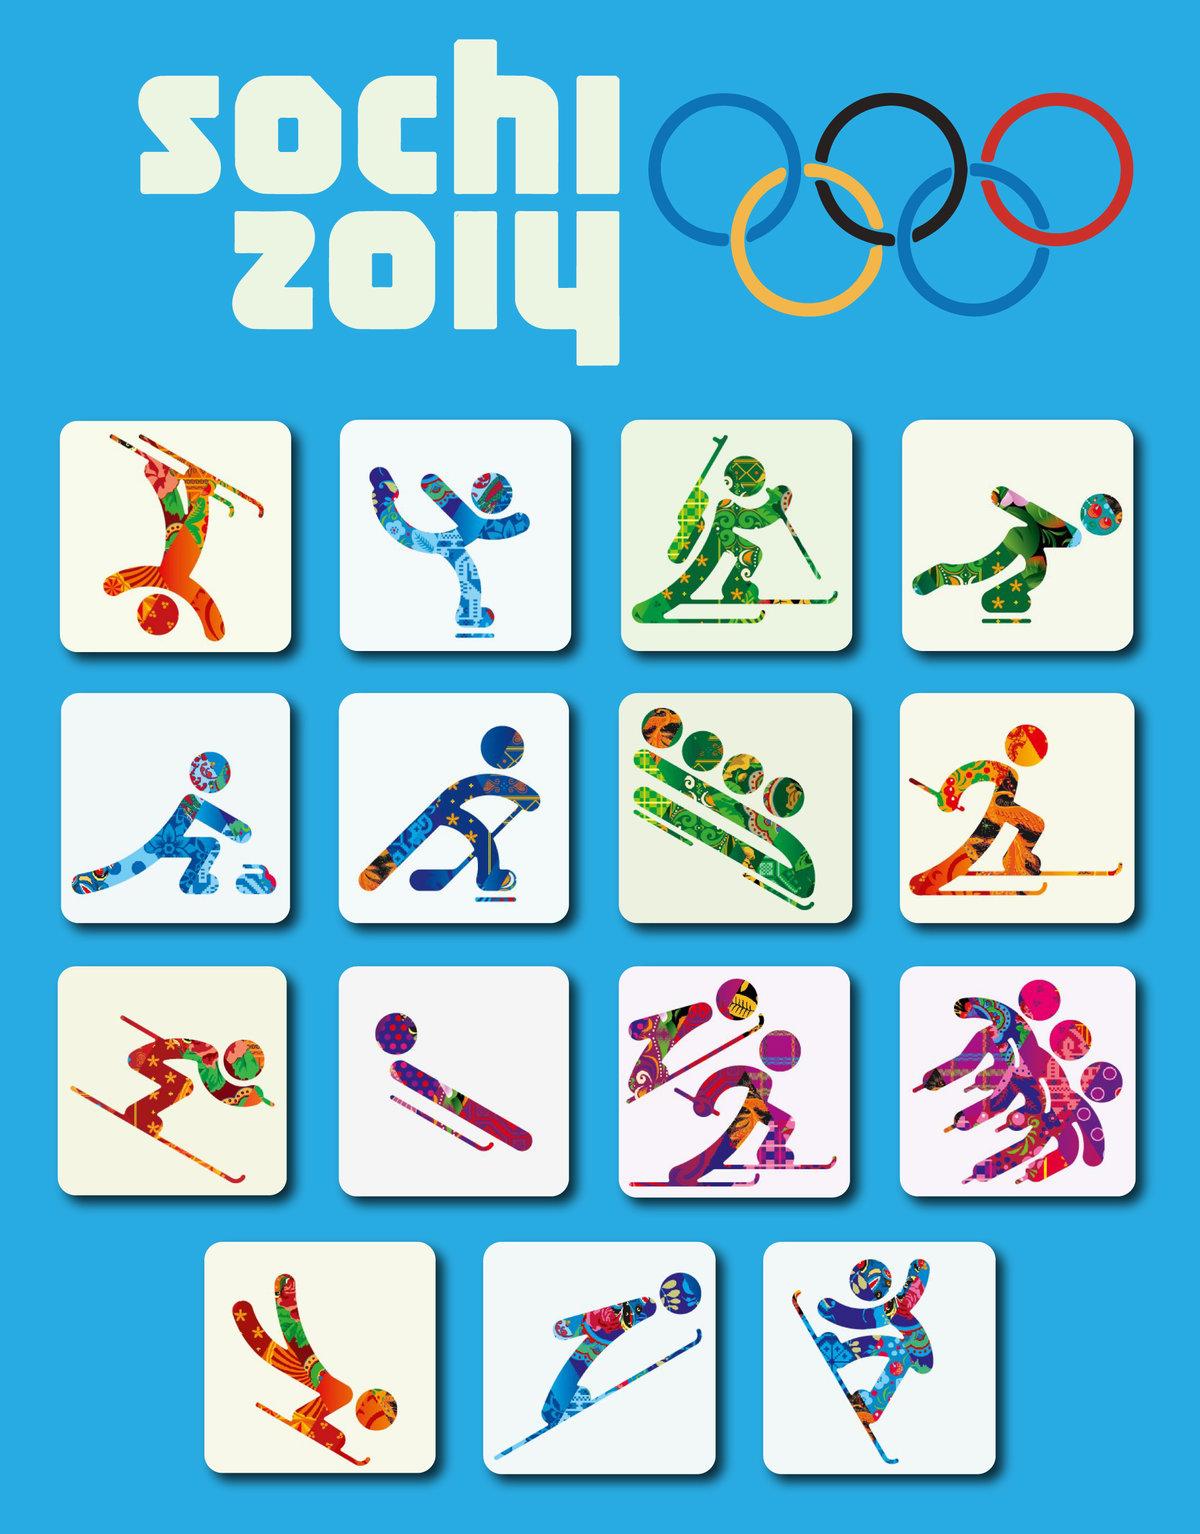 спортивные картинки по видам спорта должна